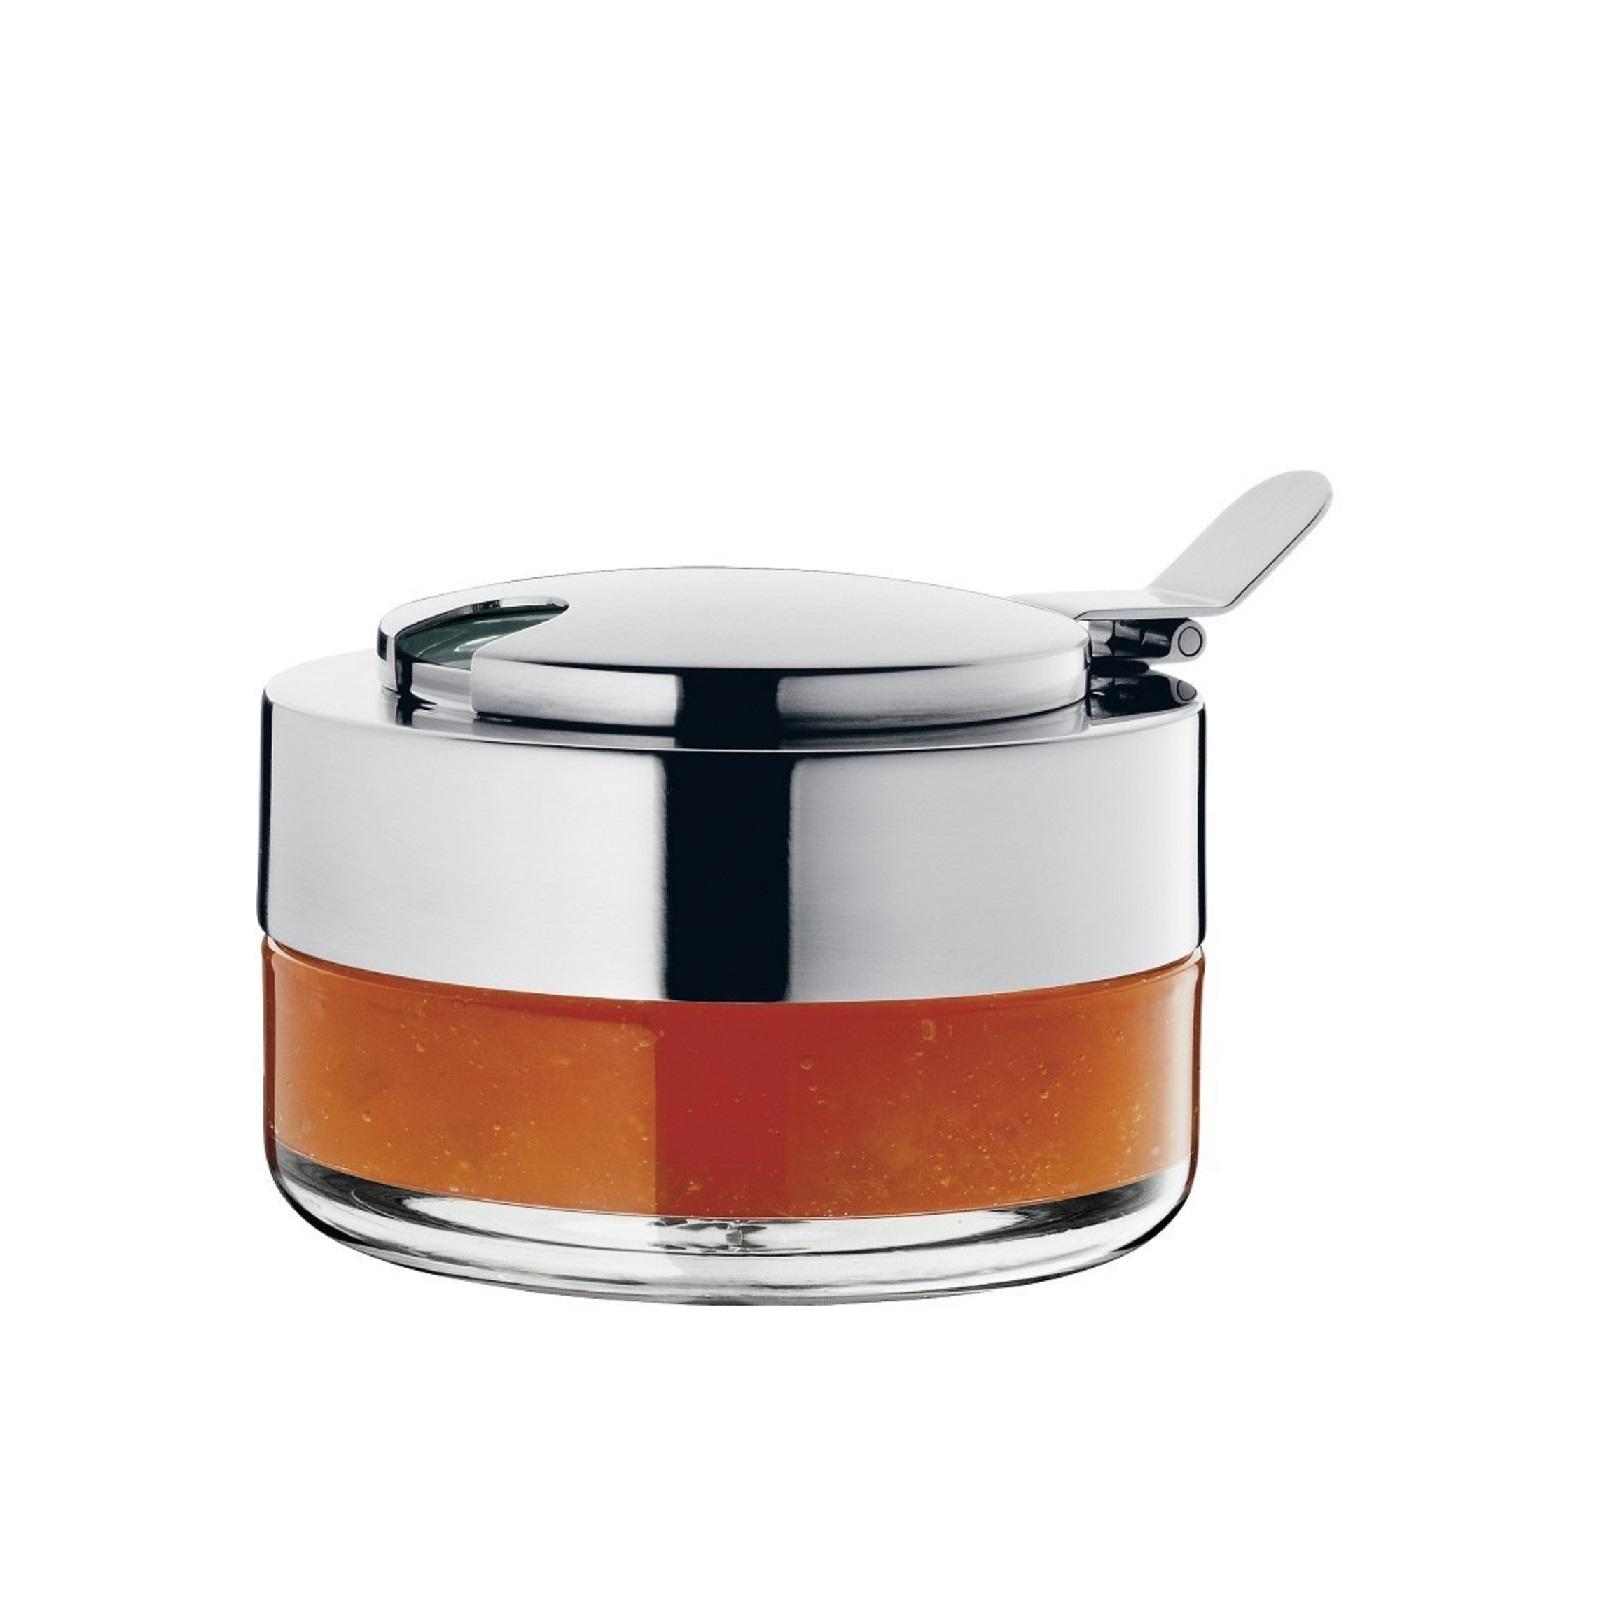 Емкость для варенья/меда WMF Kult, диаметр 10 см, высота 7 см, прозрачный с серебристым WMF 06 2591 6030 фото 1